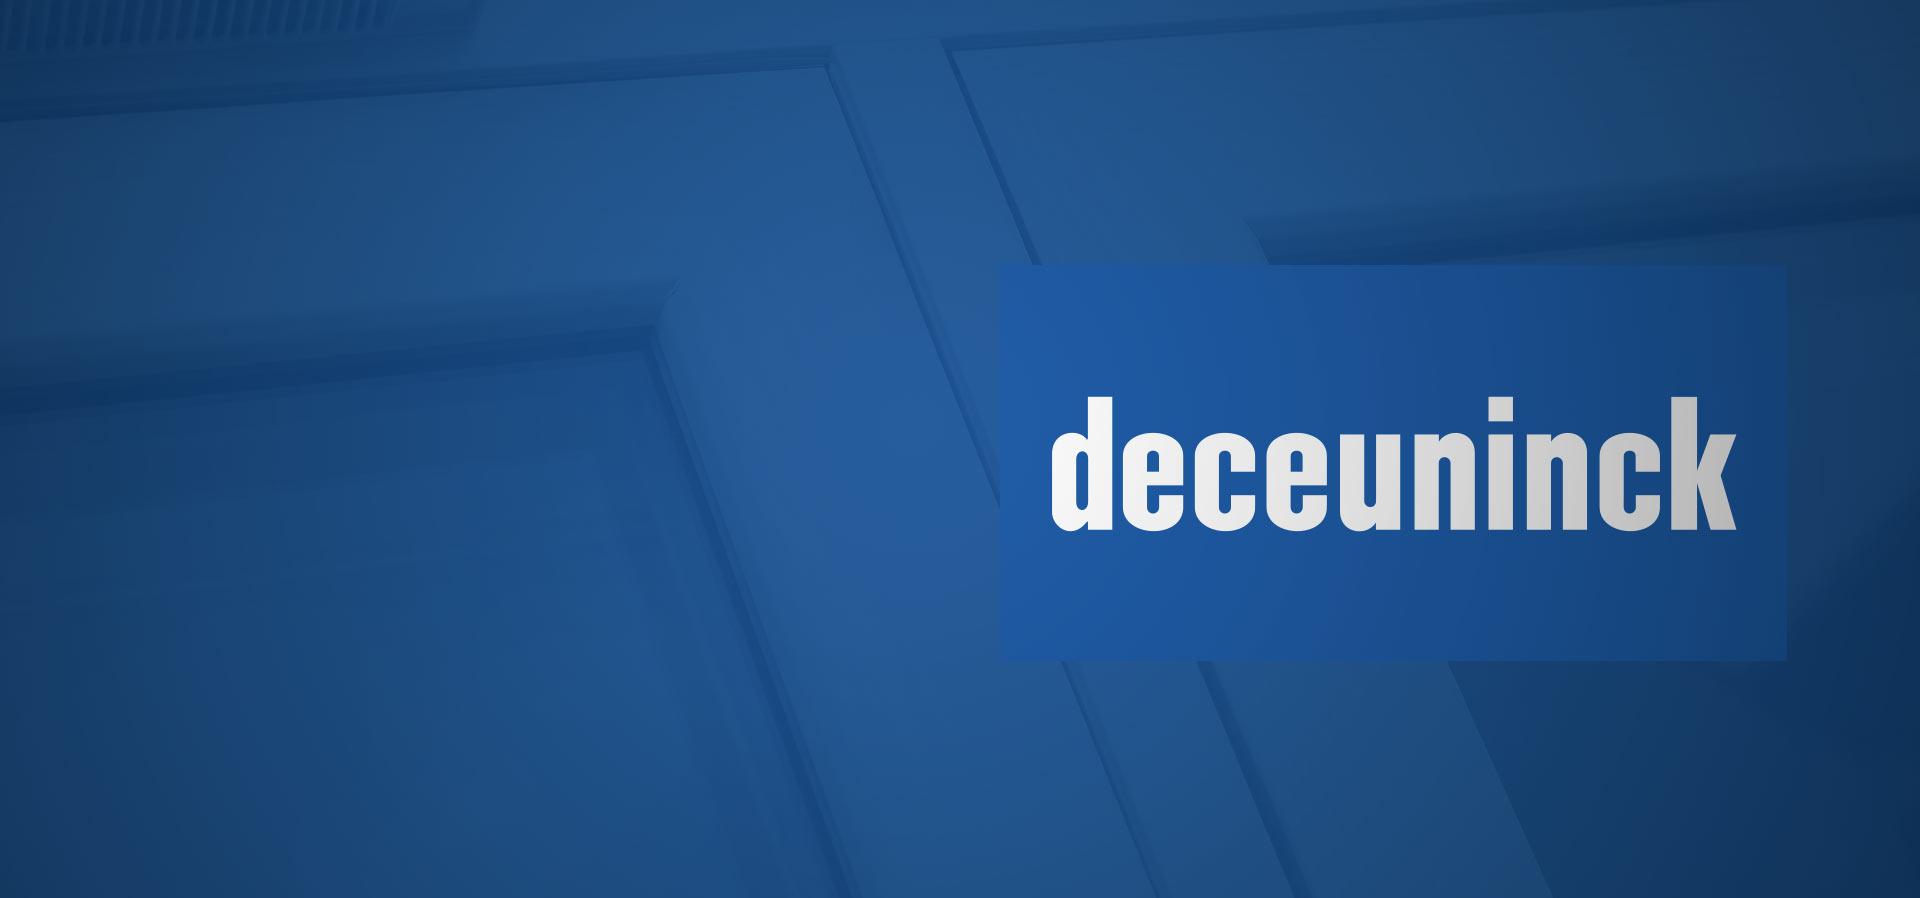 Deceuninck uPVC windows